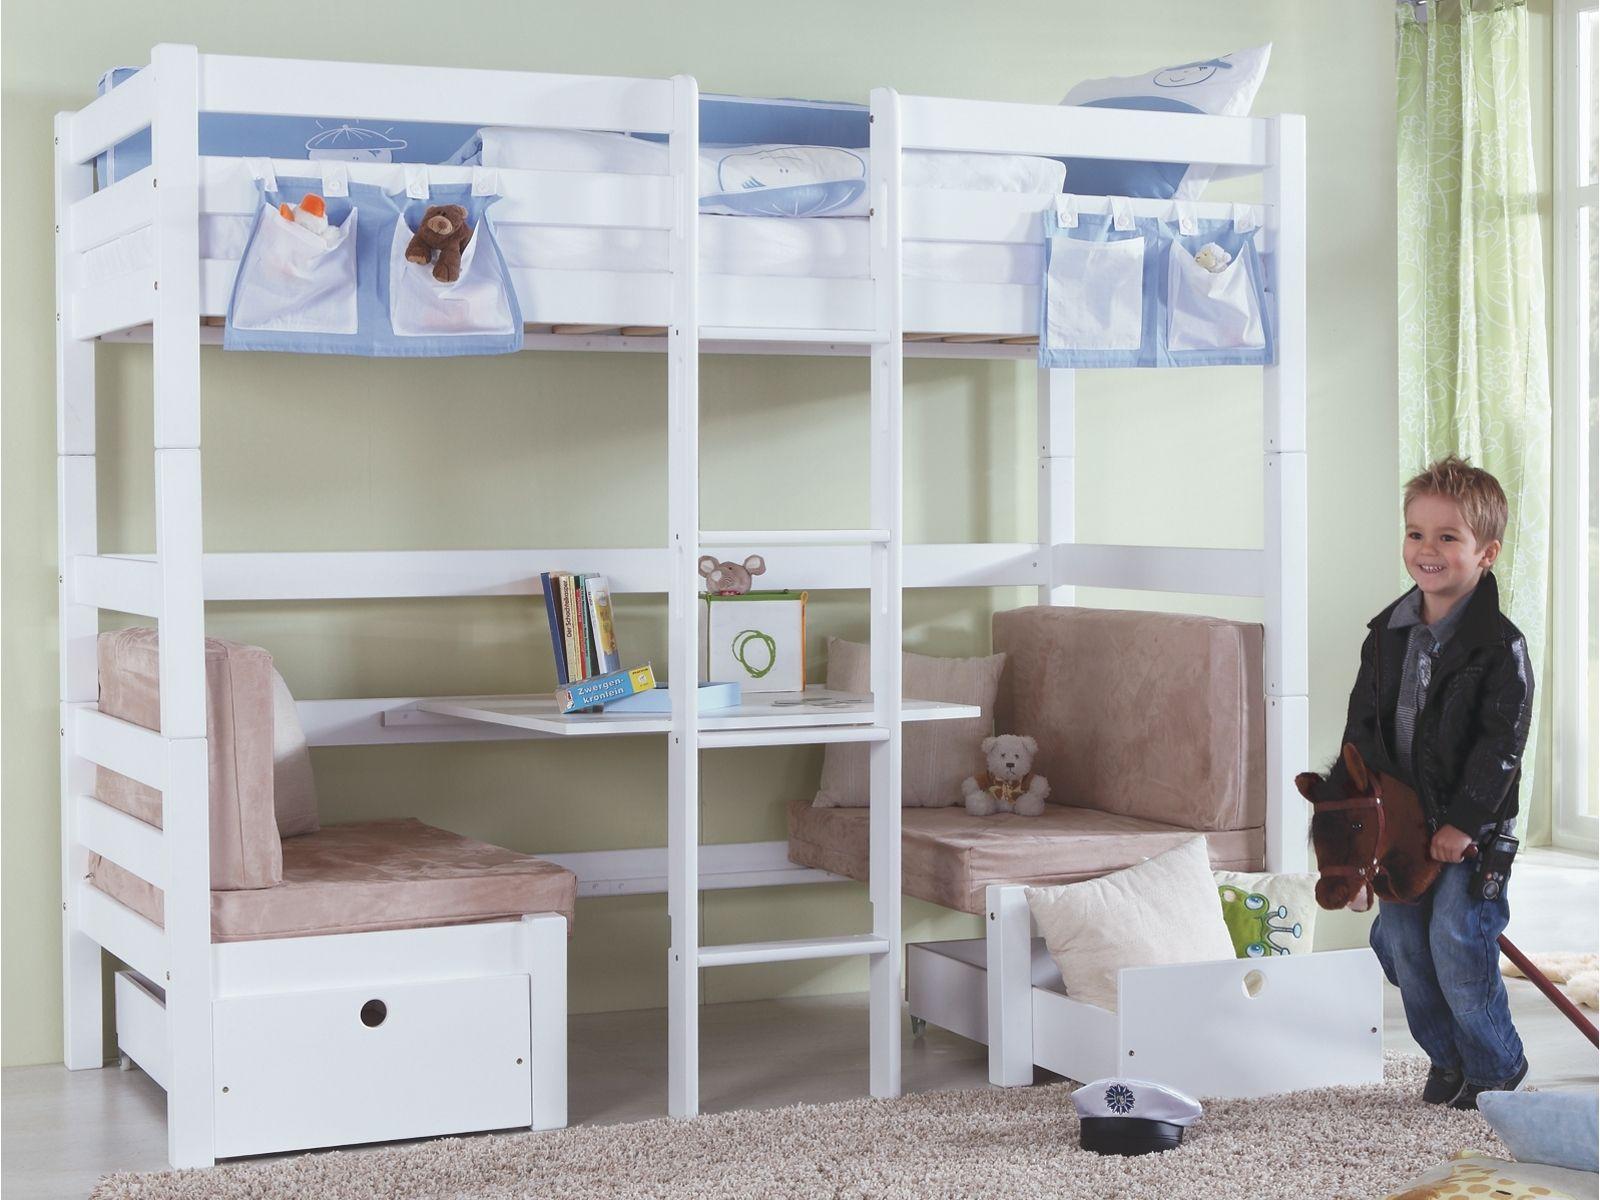 hochbett mit sitzplatz gaestebett soooooo cute camarotes bett etagenbett y hochbett. Black Bedroom Furniture Sets. Home Design Ideas